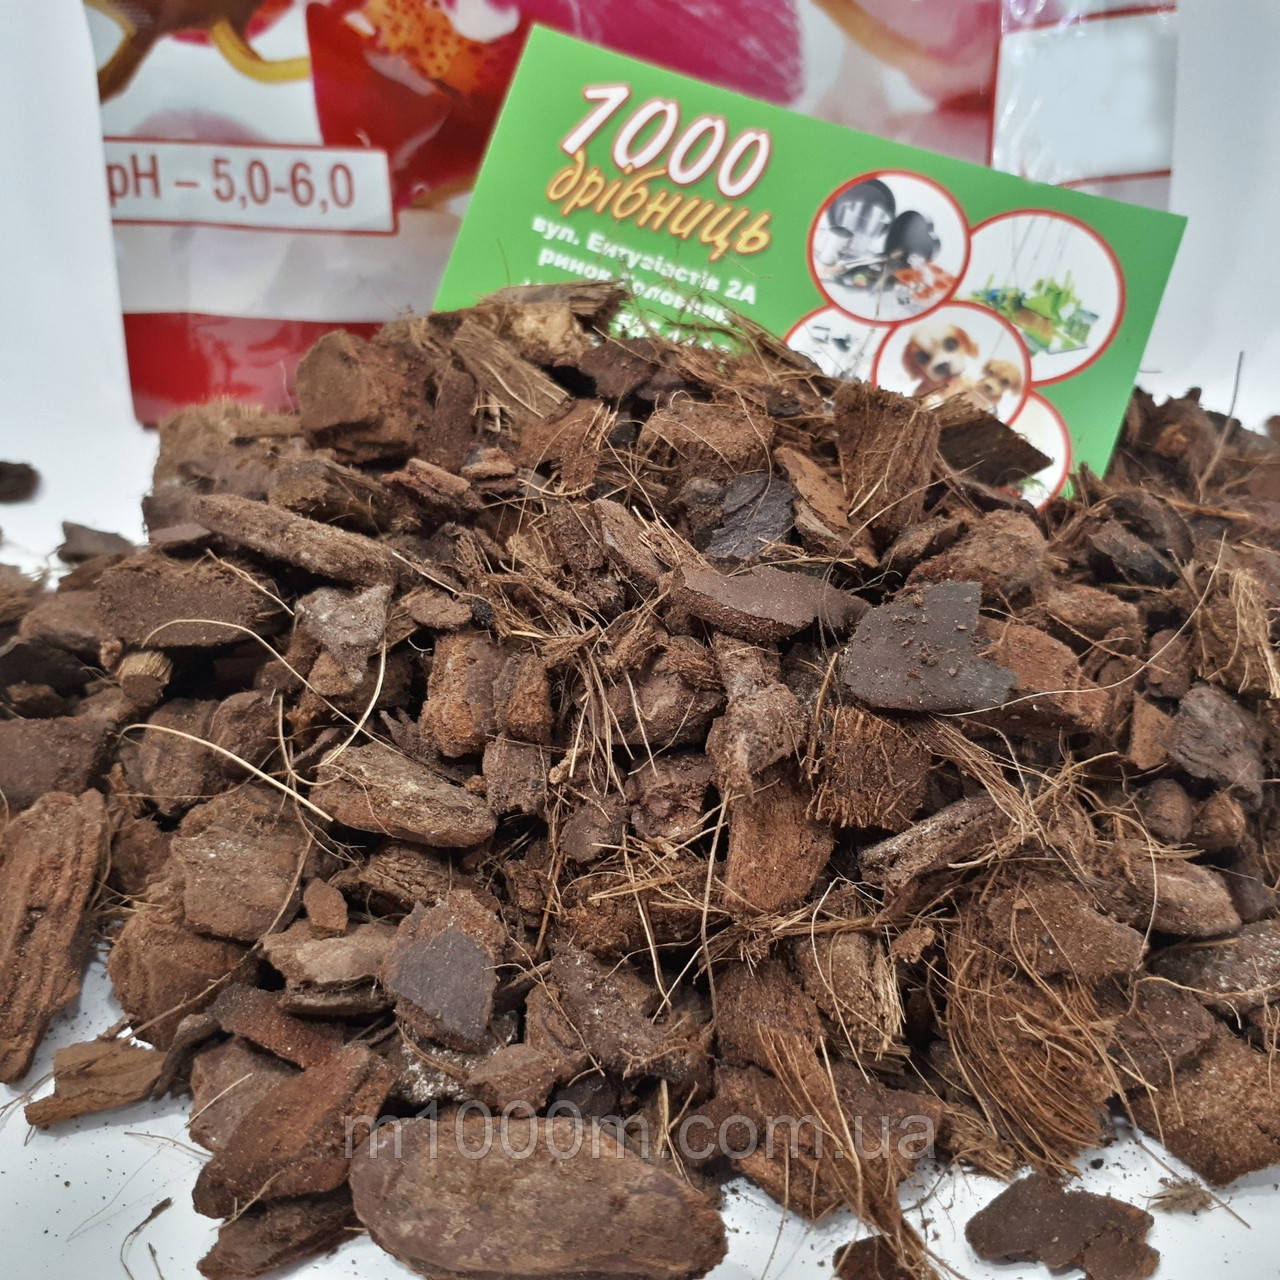 Кора Пинии Royal Mix для орхидей 30грн/ 1 литр